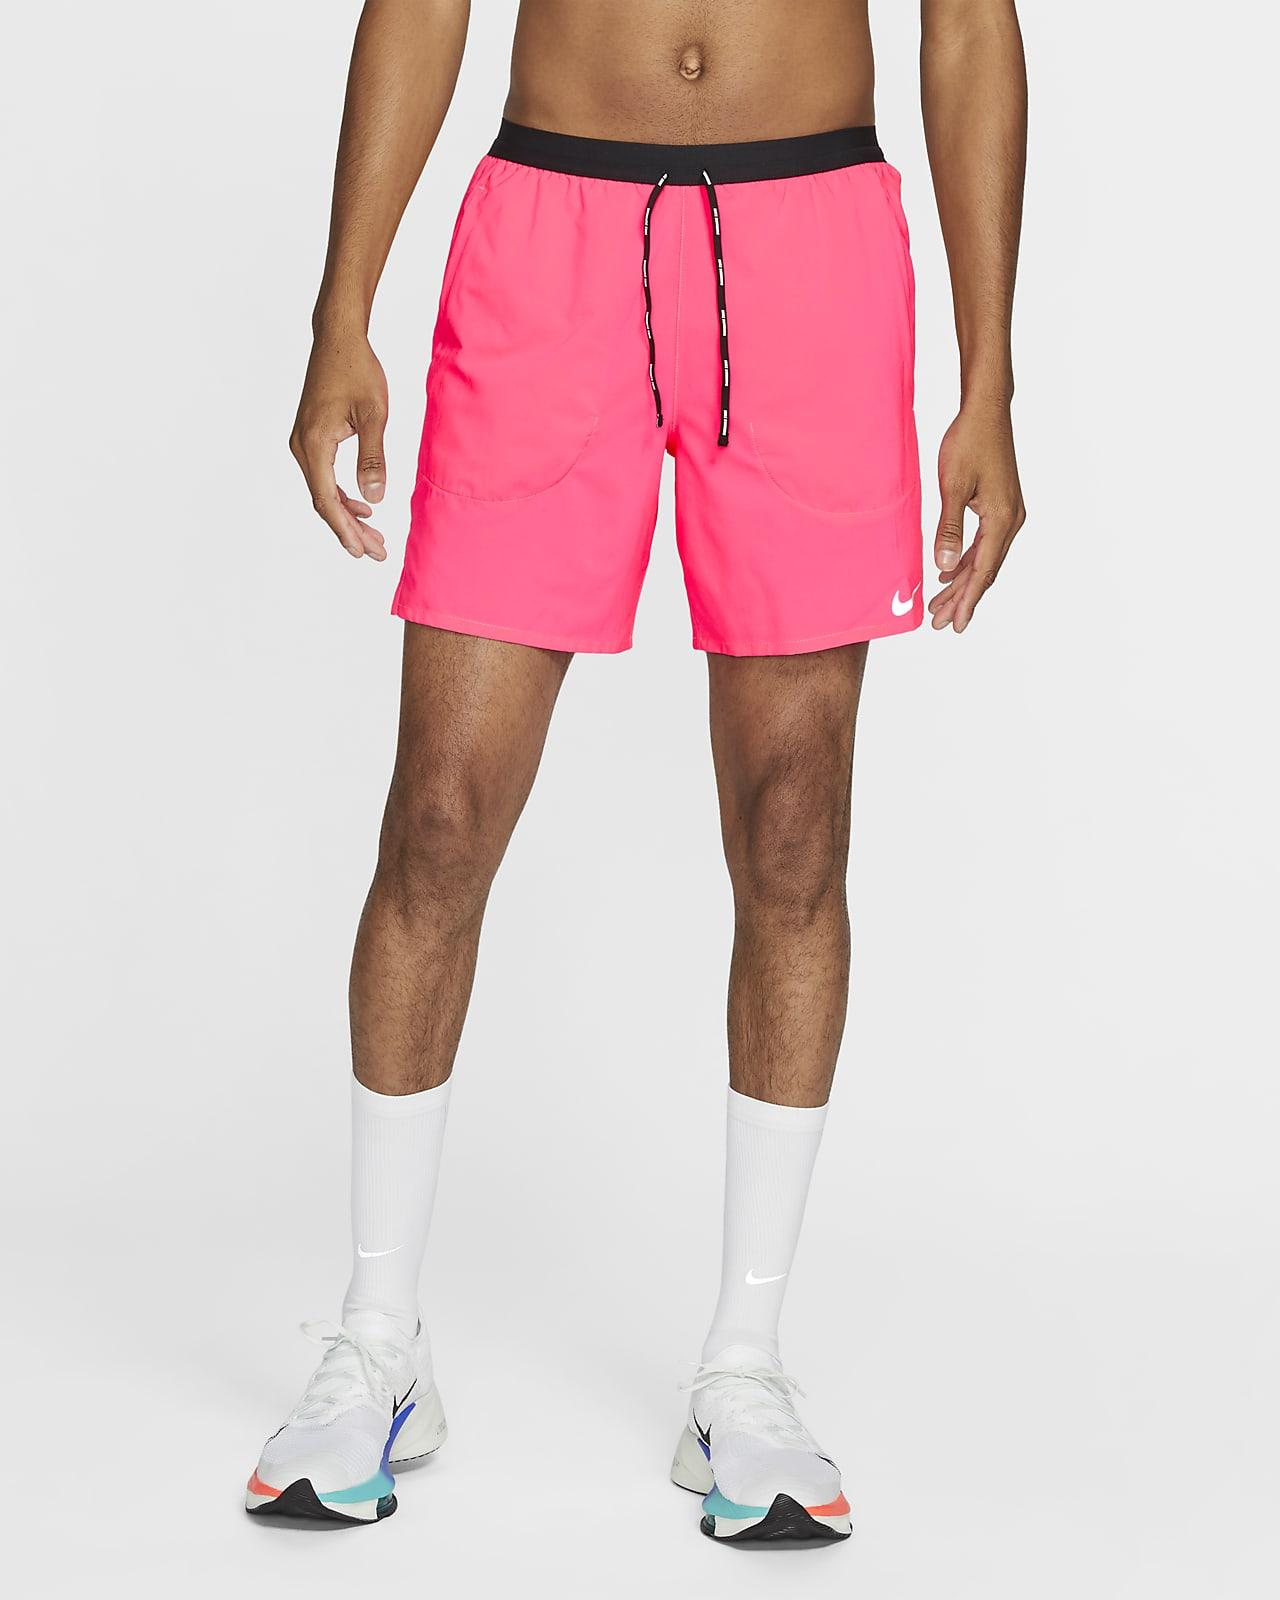 Nike Flex Stride 18 cm-es férfi futórövidnadrág integrált alsónadrággal